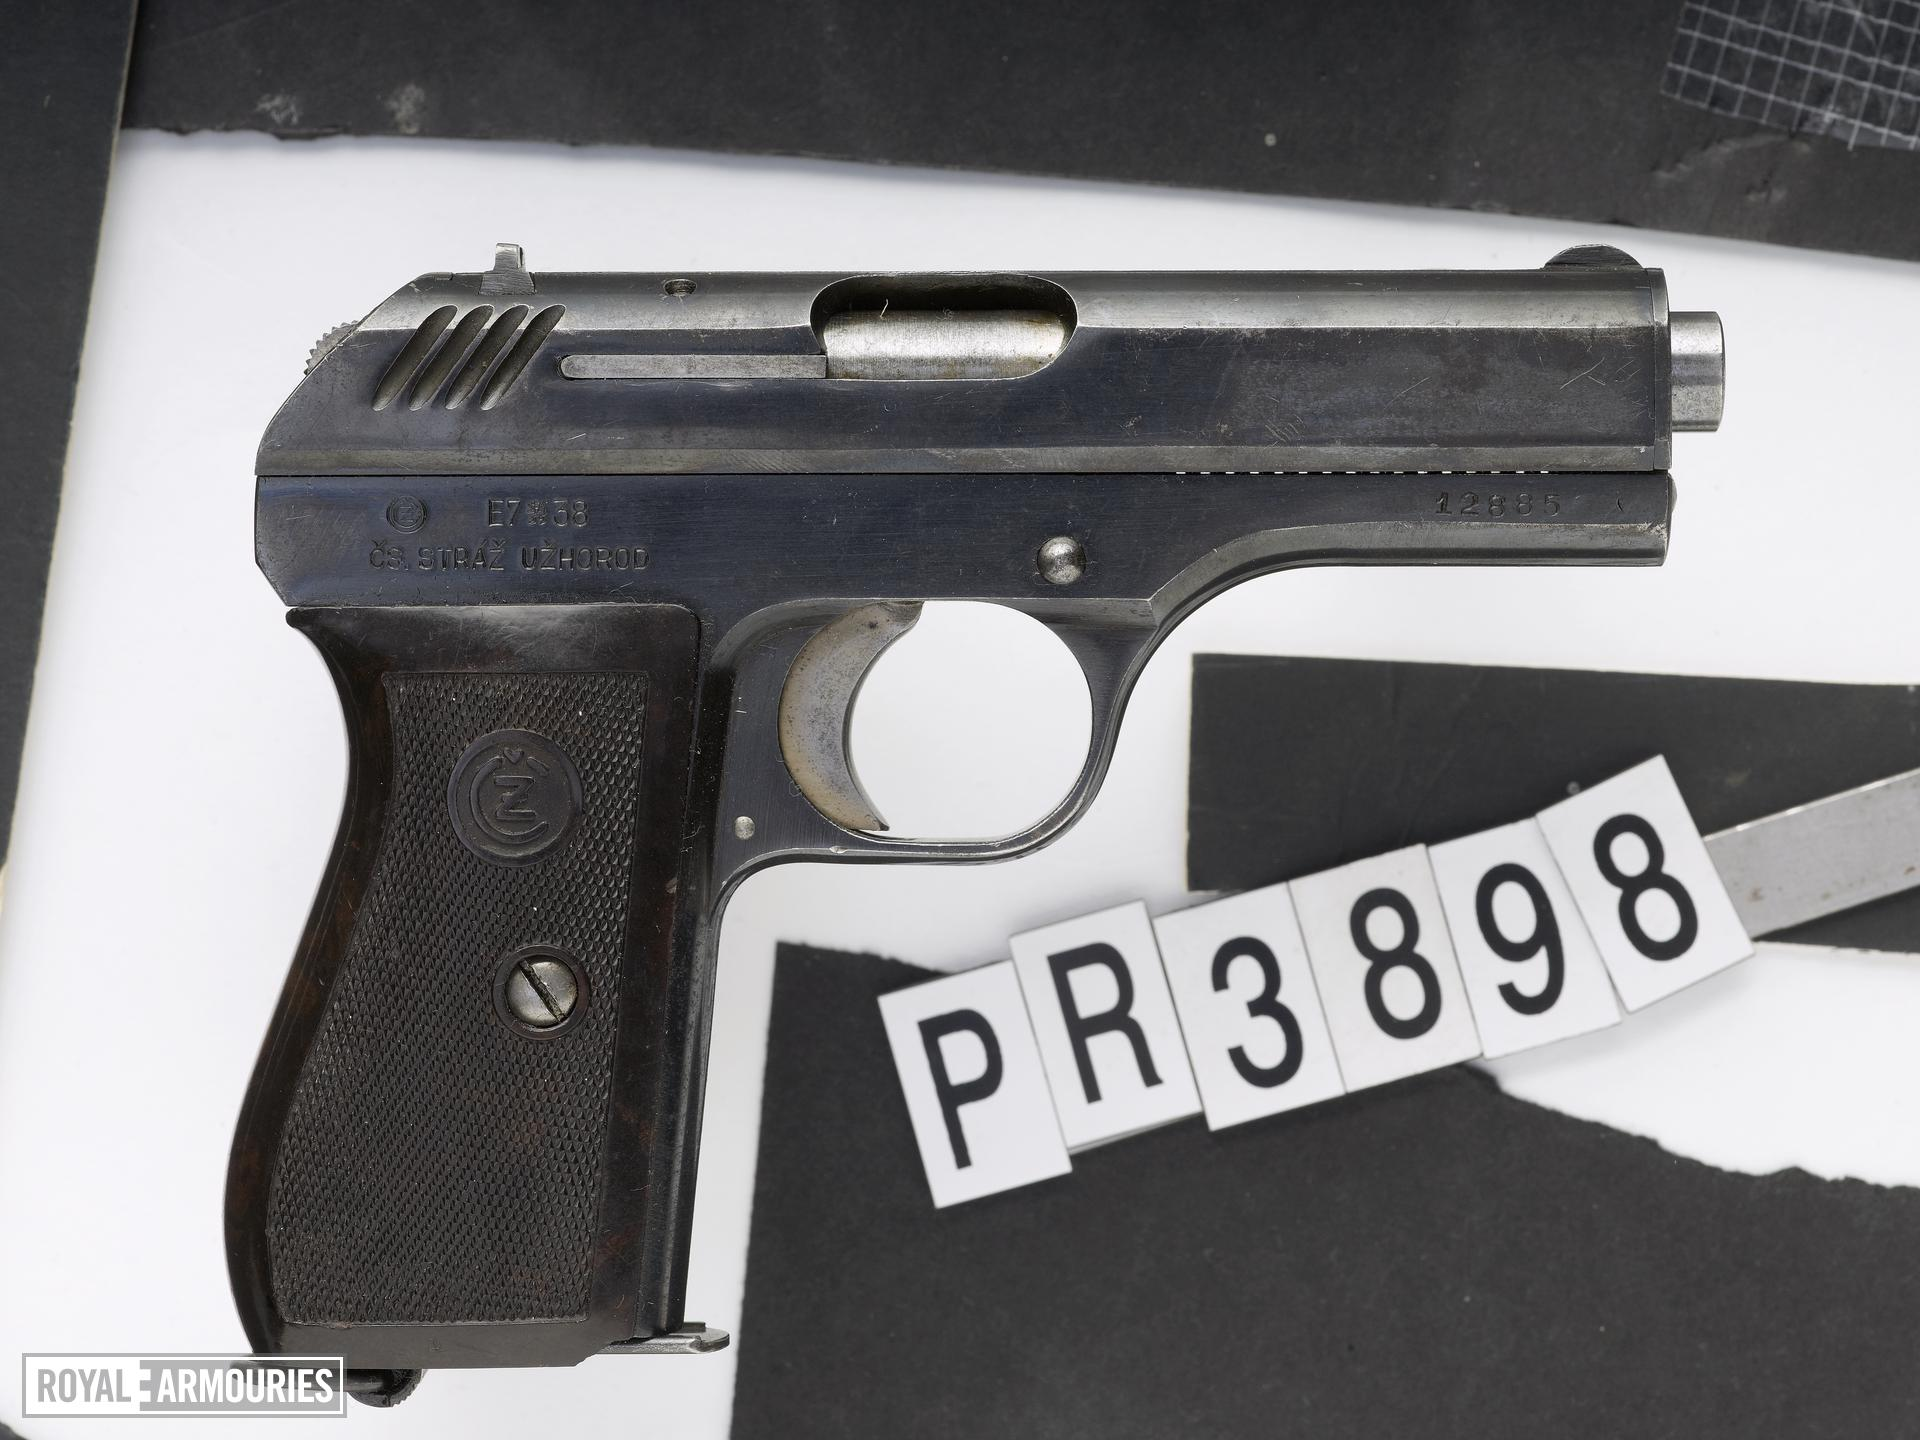 Centrefire self-loading pistol - CZ VZ27